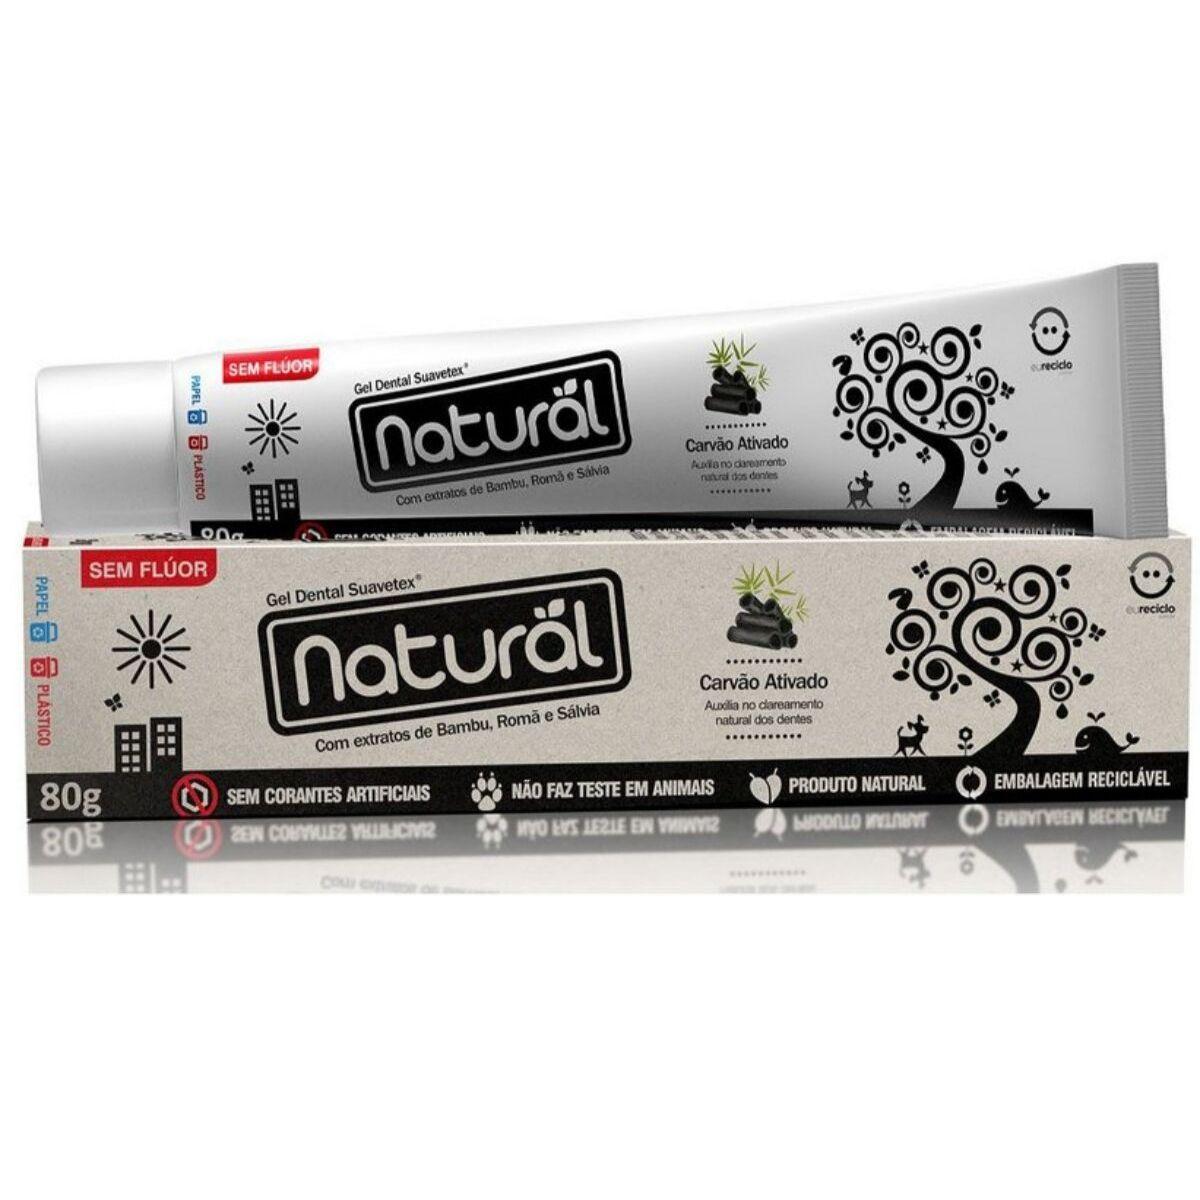 Creme Dental Suavetex Natural Carvão Ativado Extratos de Bambu, Romã e Sálvia 80g  - Suavetex